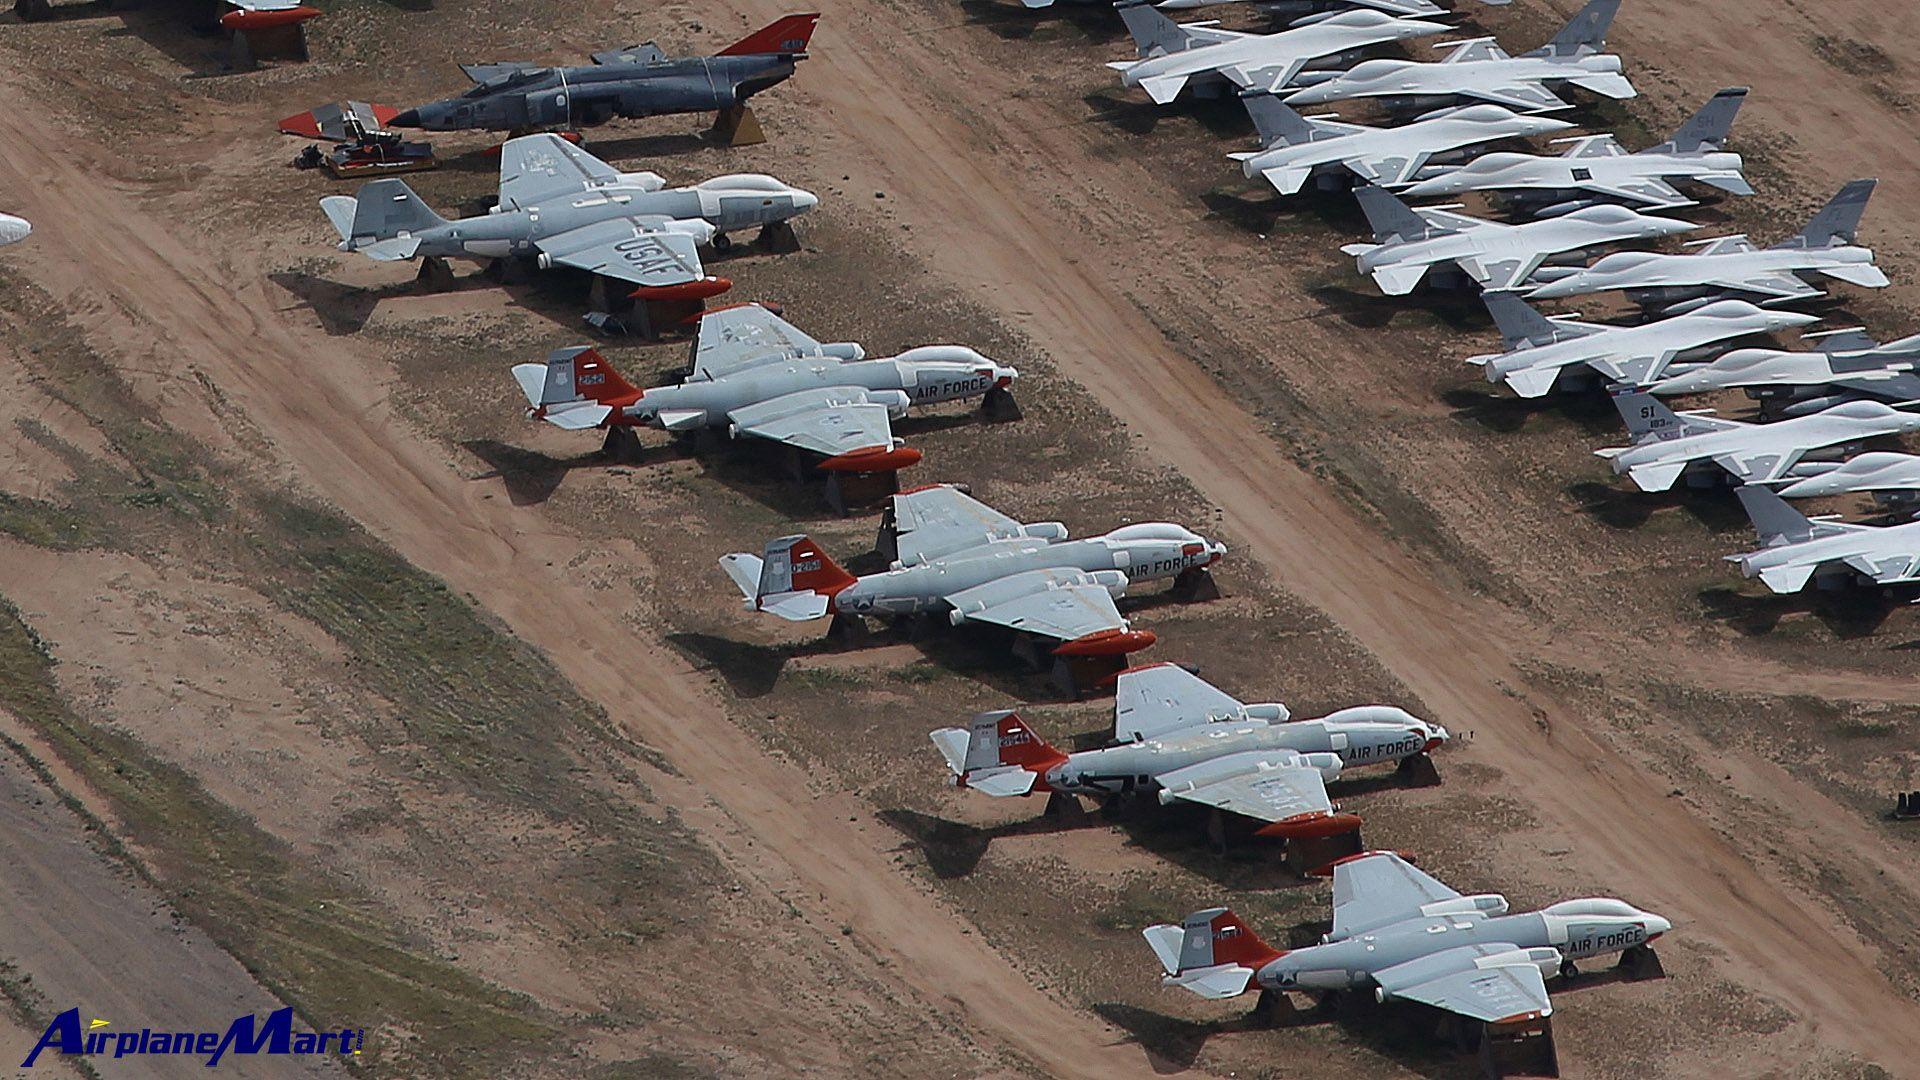 Pin by on Military Aircraft Boneyard